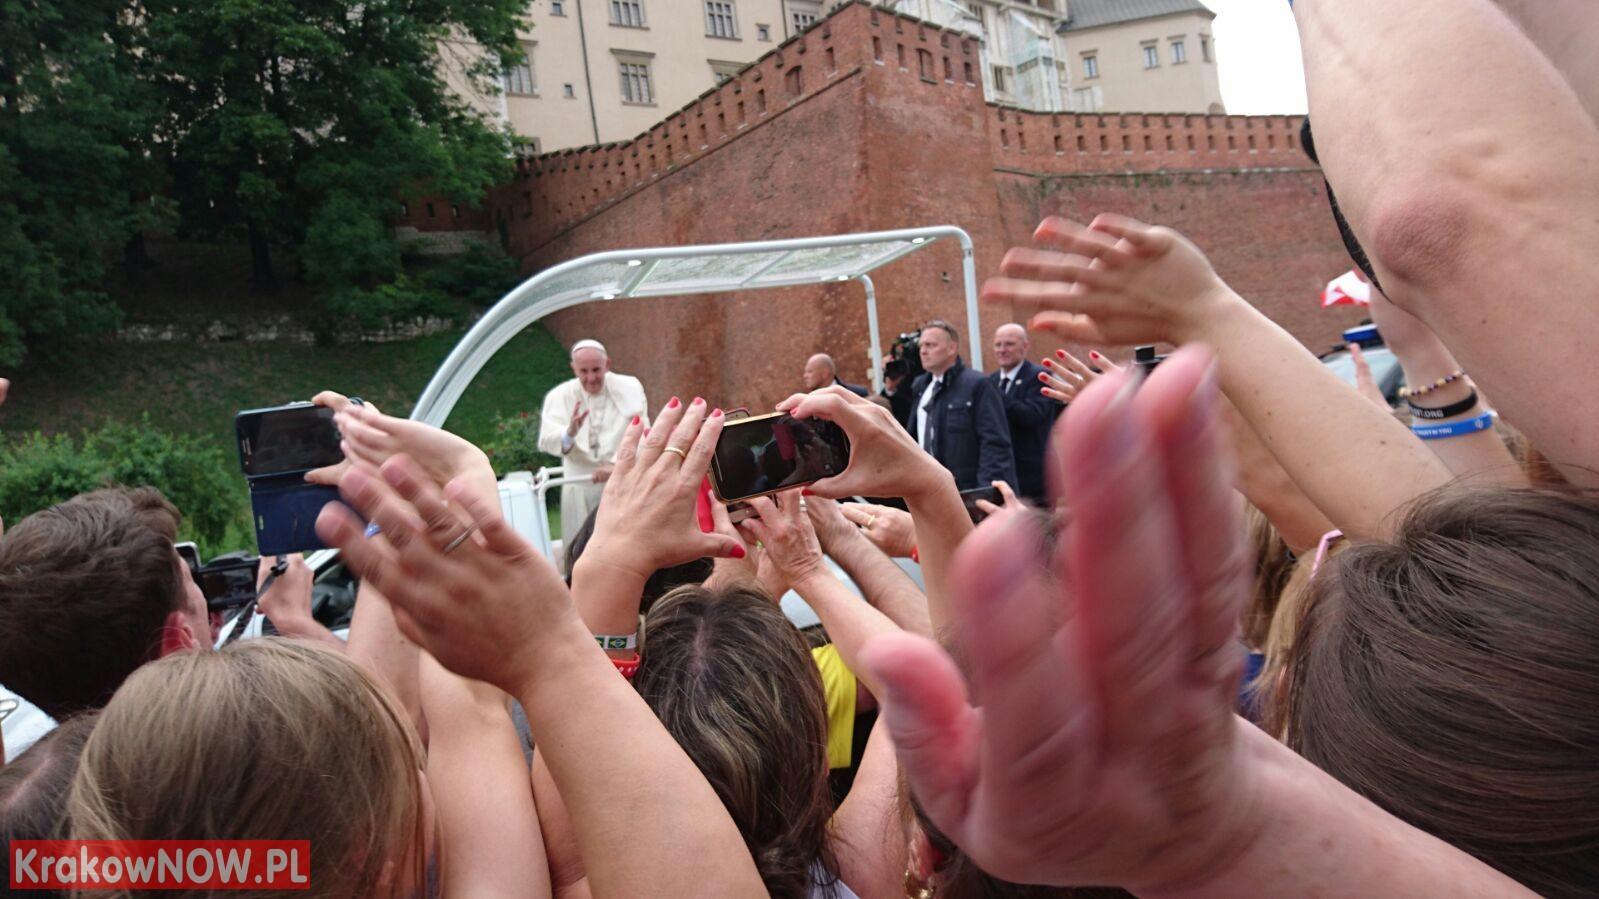 papiez w Krakowie - Papież w Krakowie na Światowych Dniach Młodzieży